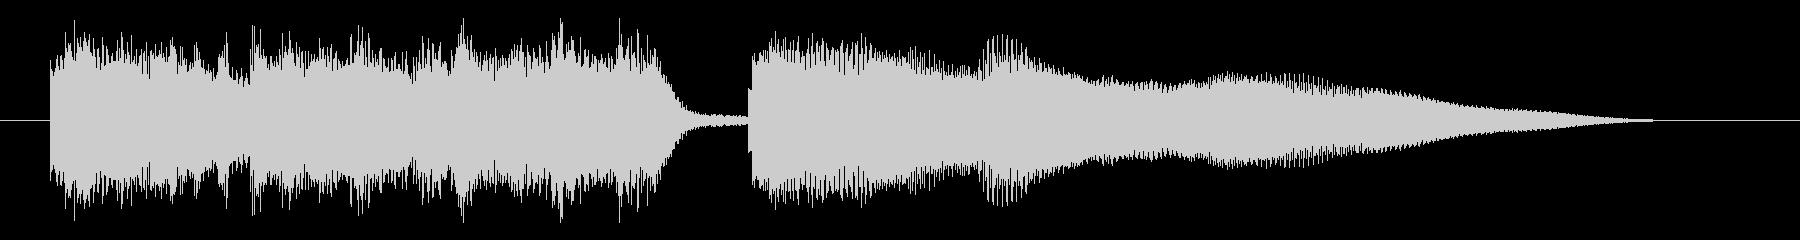 シャッフル物のバンド系ジングルの未再生の波形